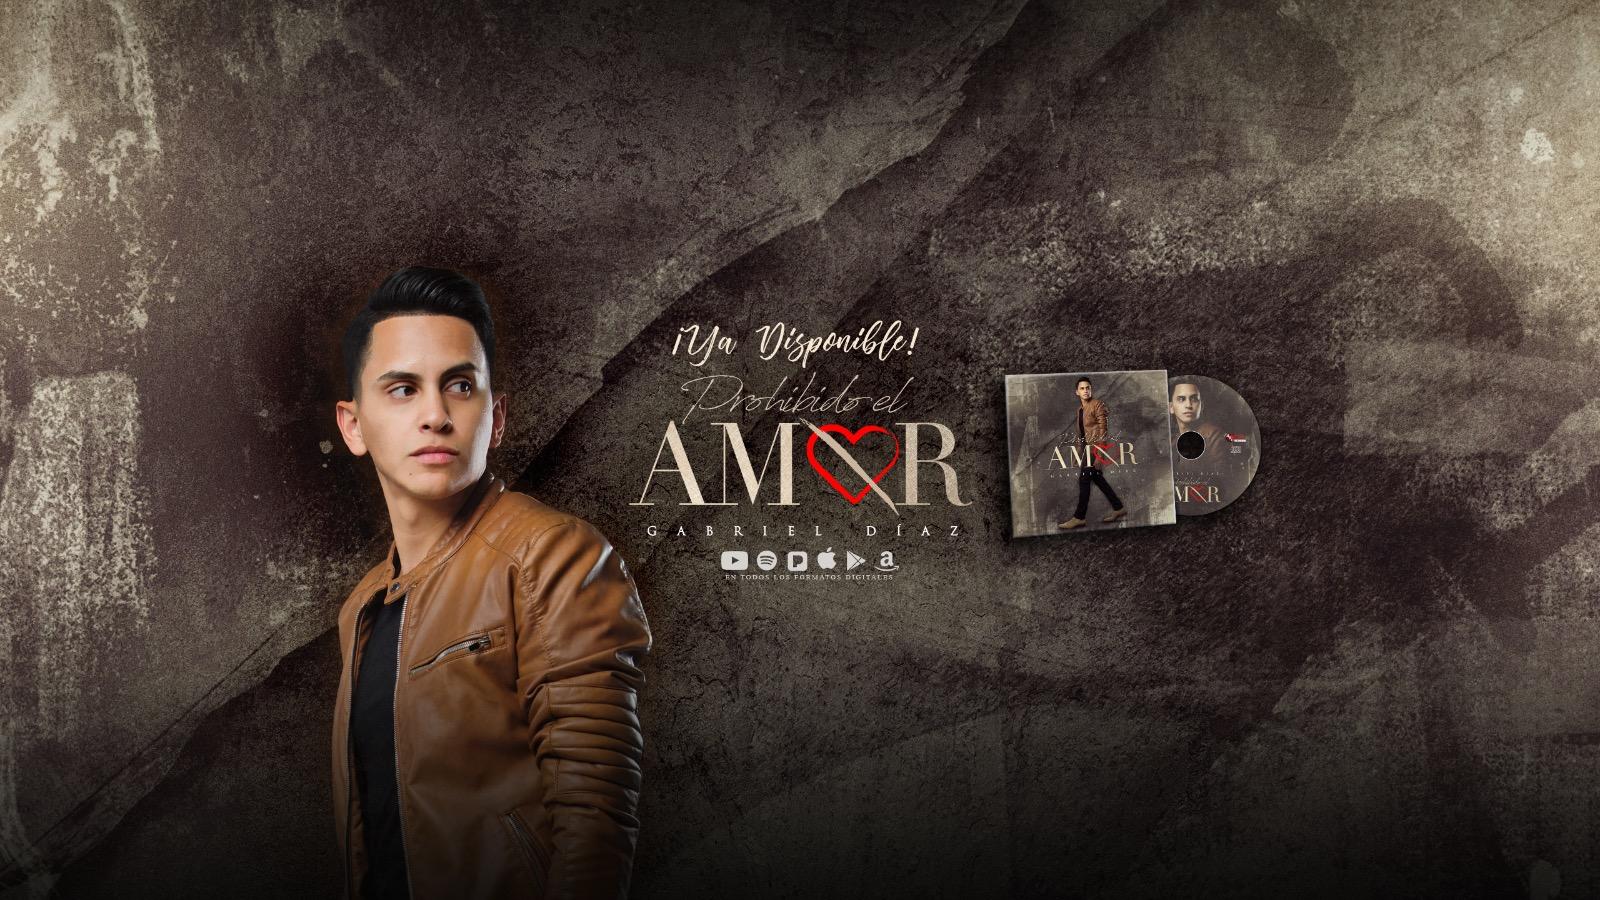 Gabriel-Diaz-Prohibido-El-Amor